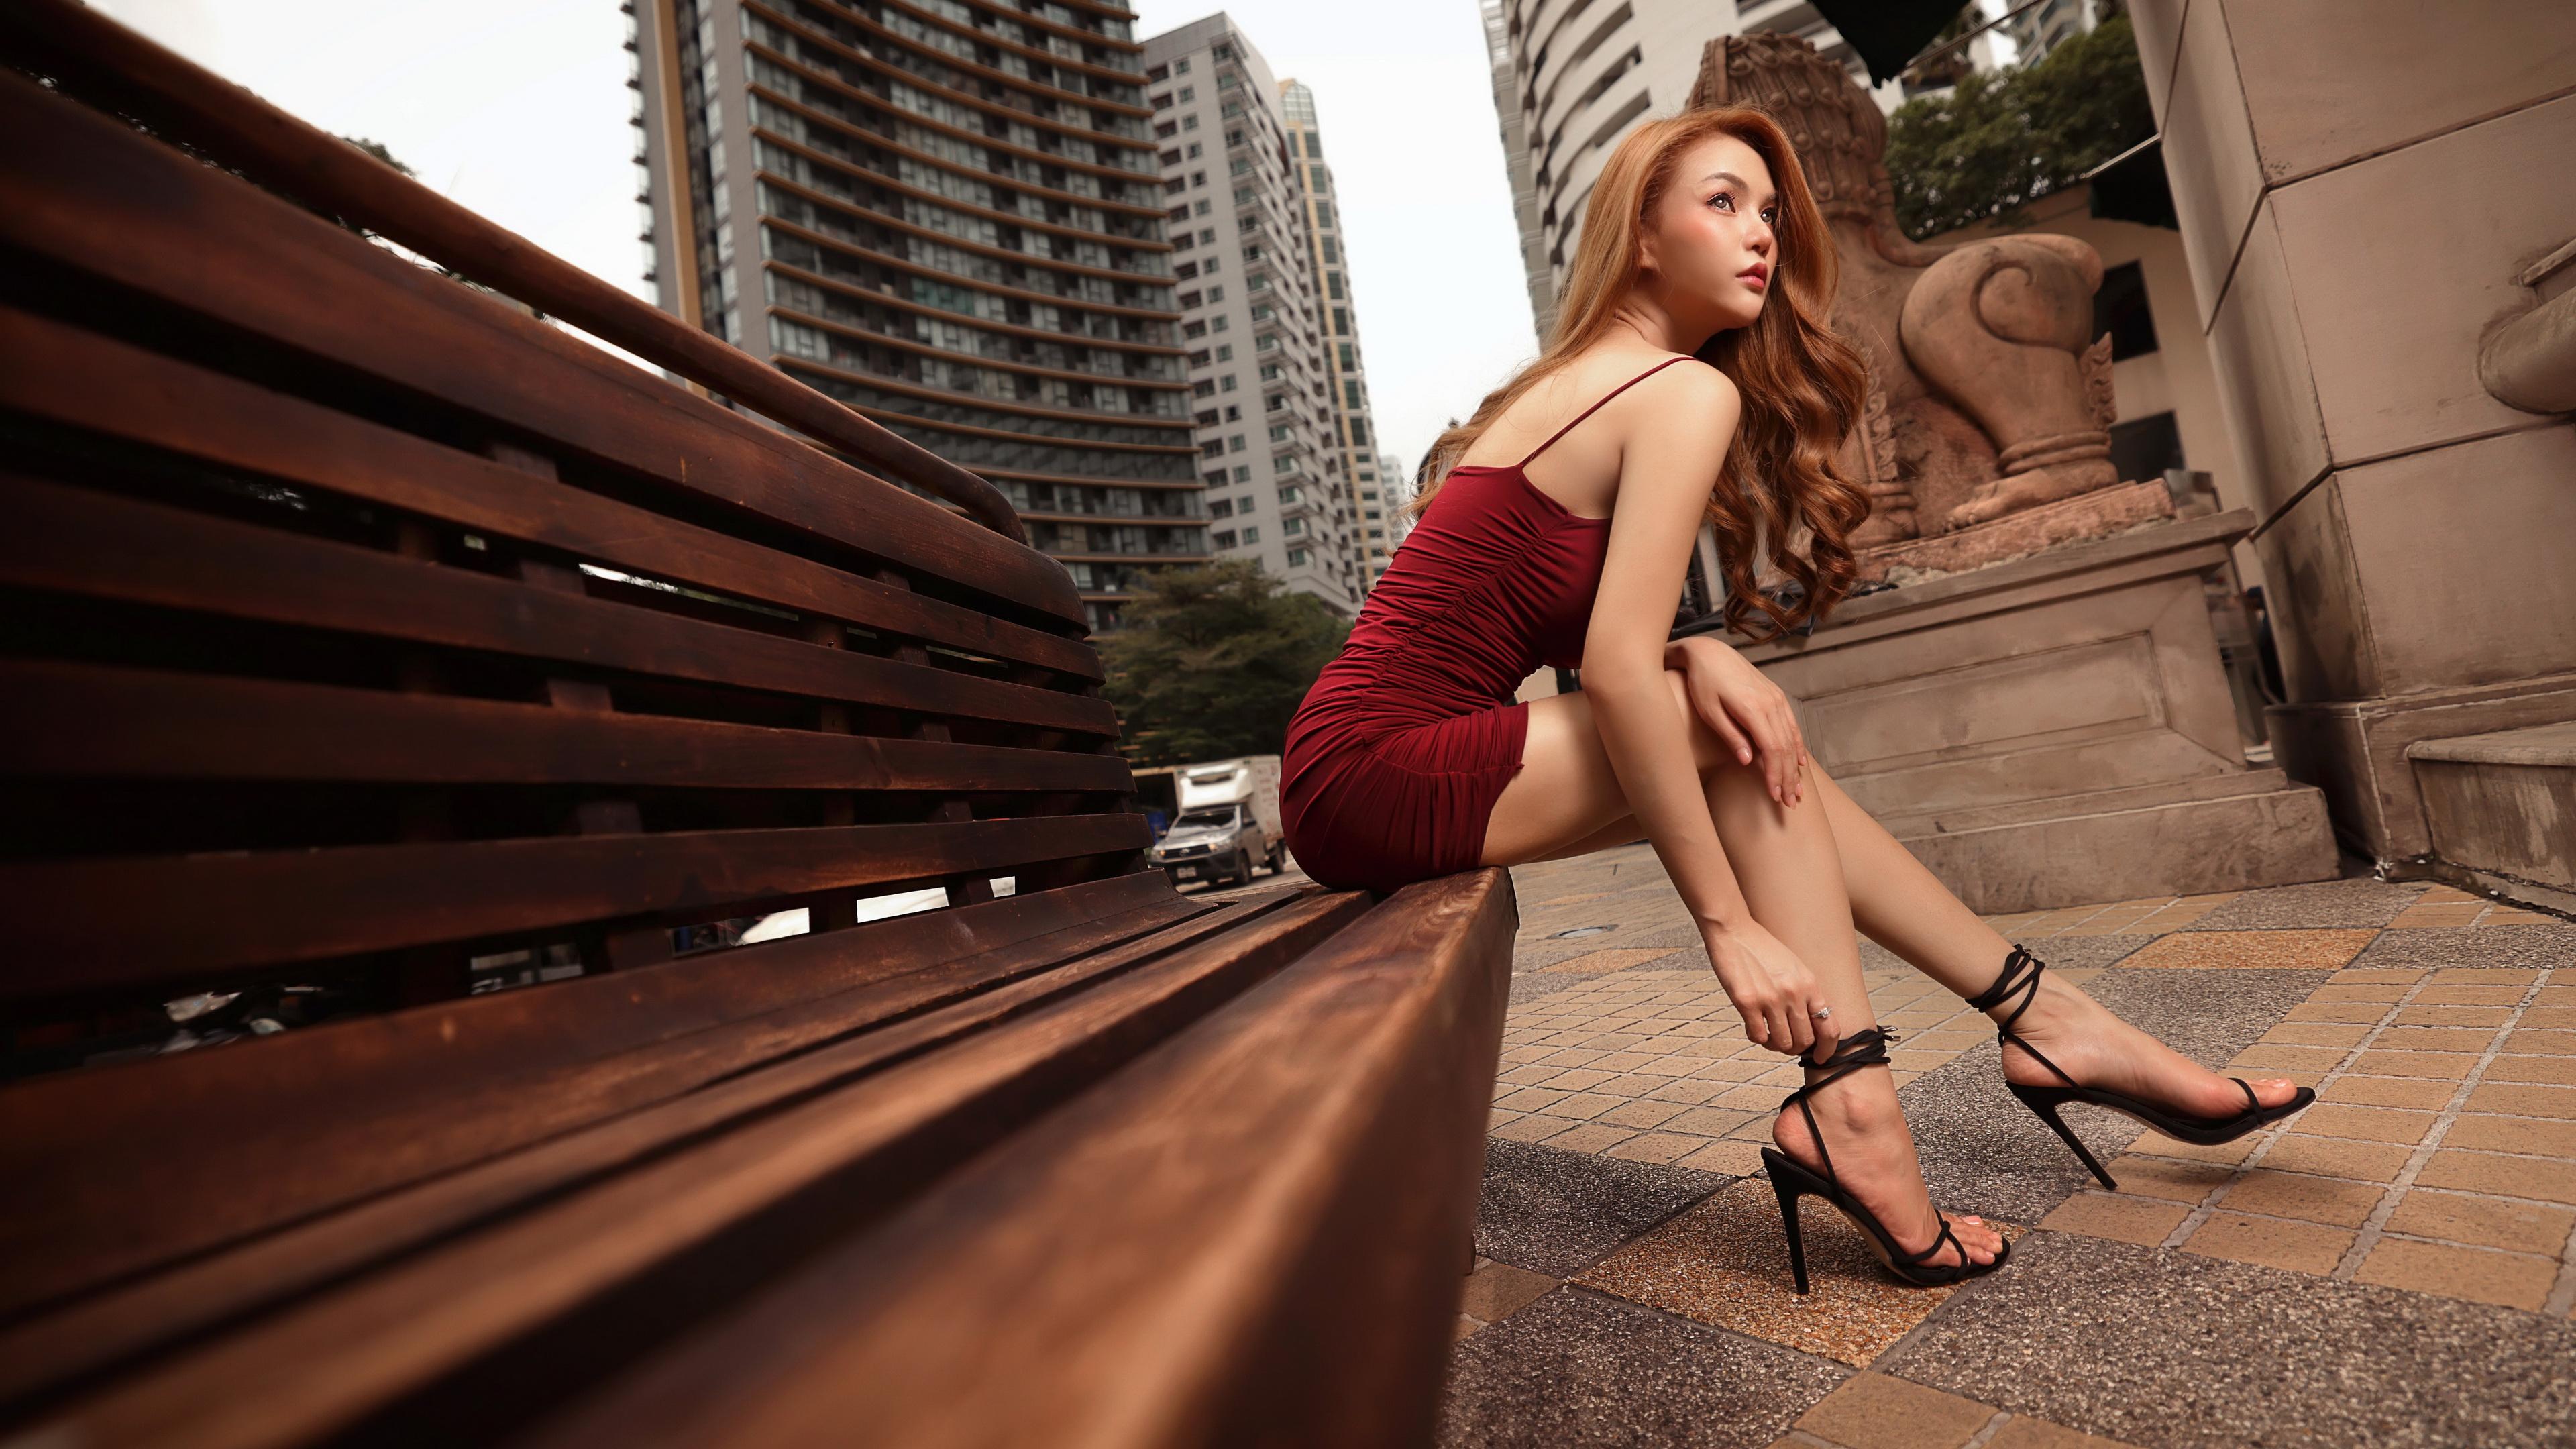 Обои для рабочего стола Шатенка молодые женщины Ноги Азиаты рука Сидит Скамейка платья Туфли 3840x2160 шатенки девушка Девушки молодая женщина ног азиатки азиатка Руки сидя Скамья сидящие Платье туфель туфлях